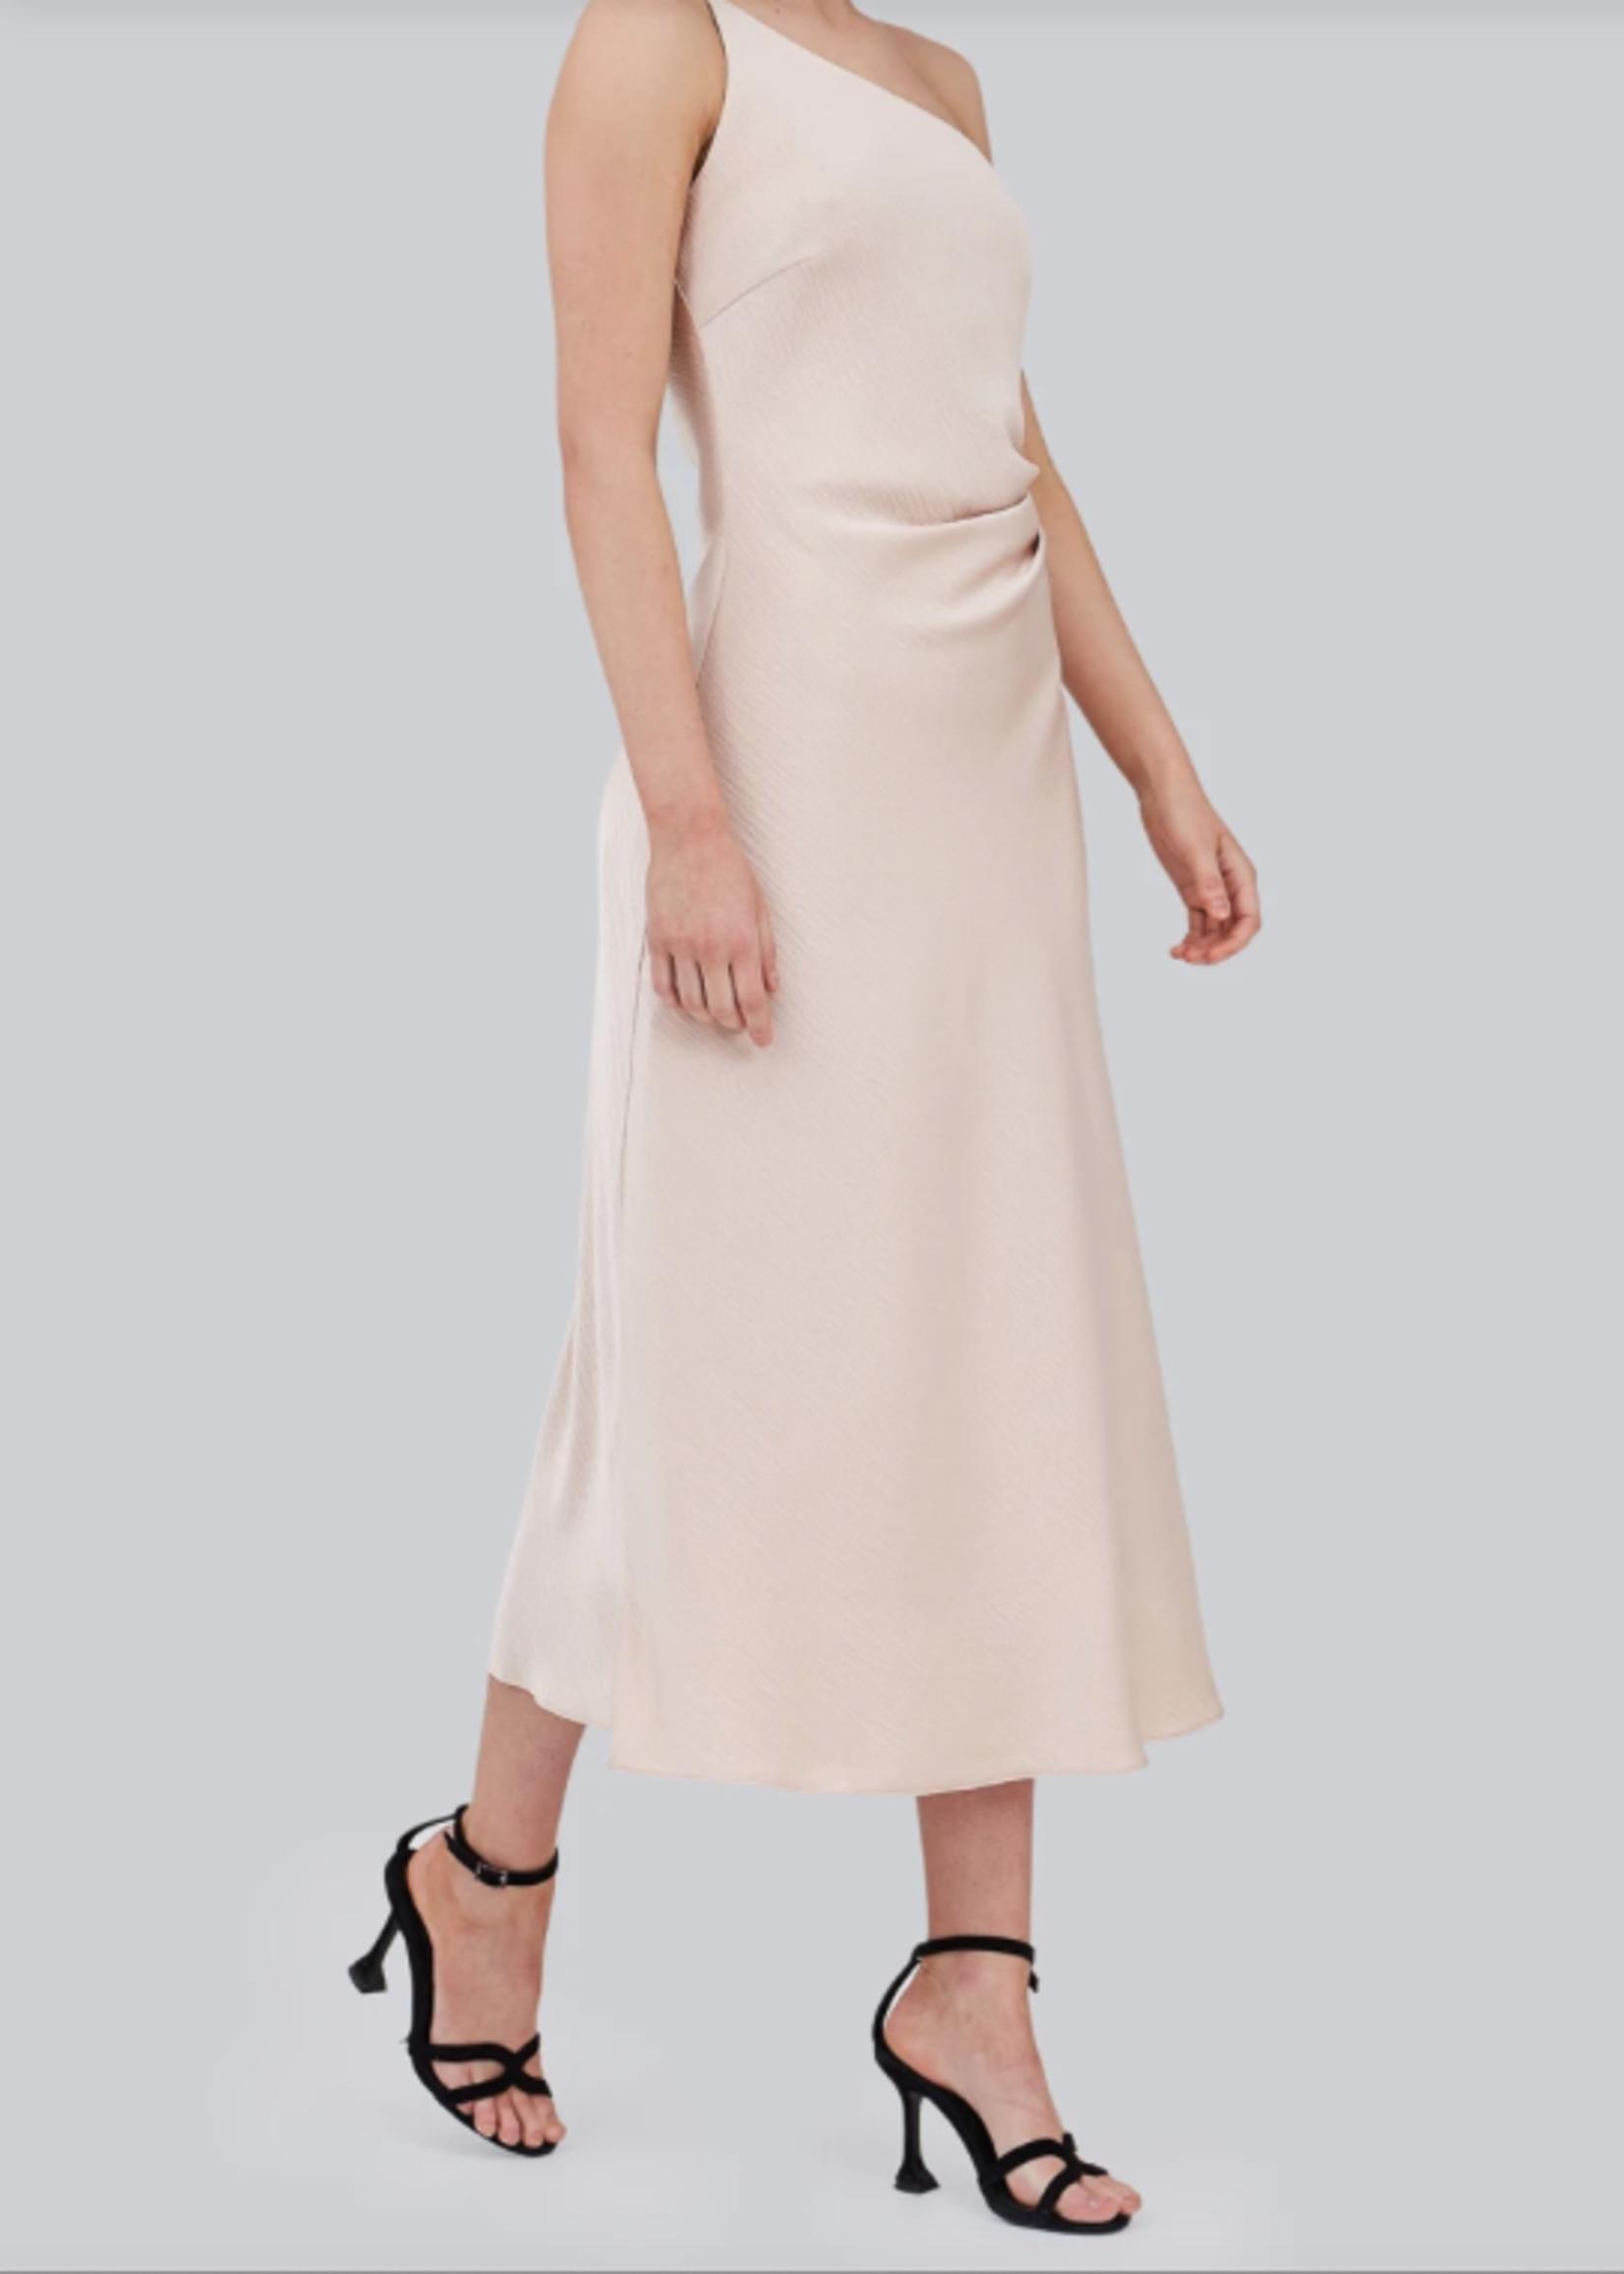 Elitaire Boutique The Avenue Midi Dress in Champagne